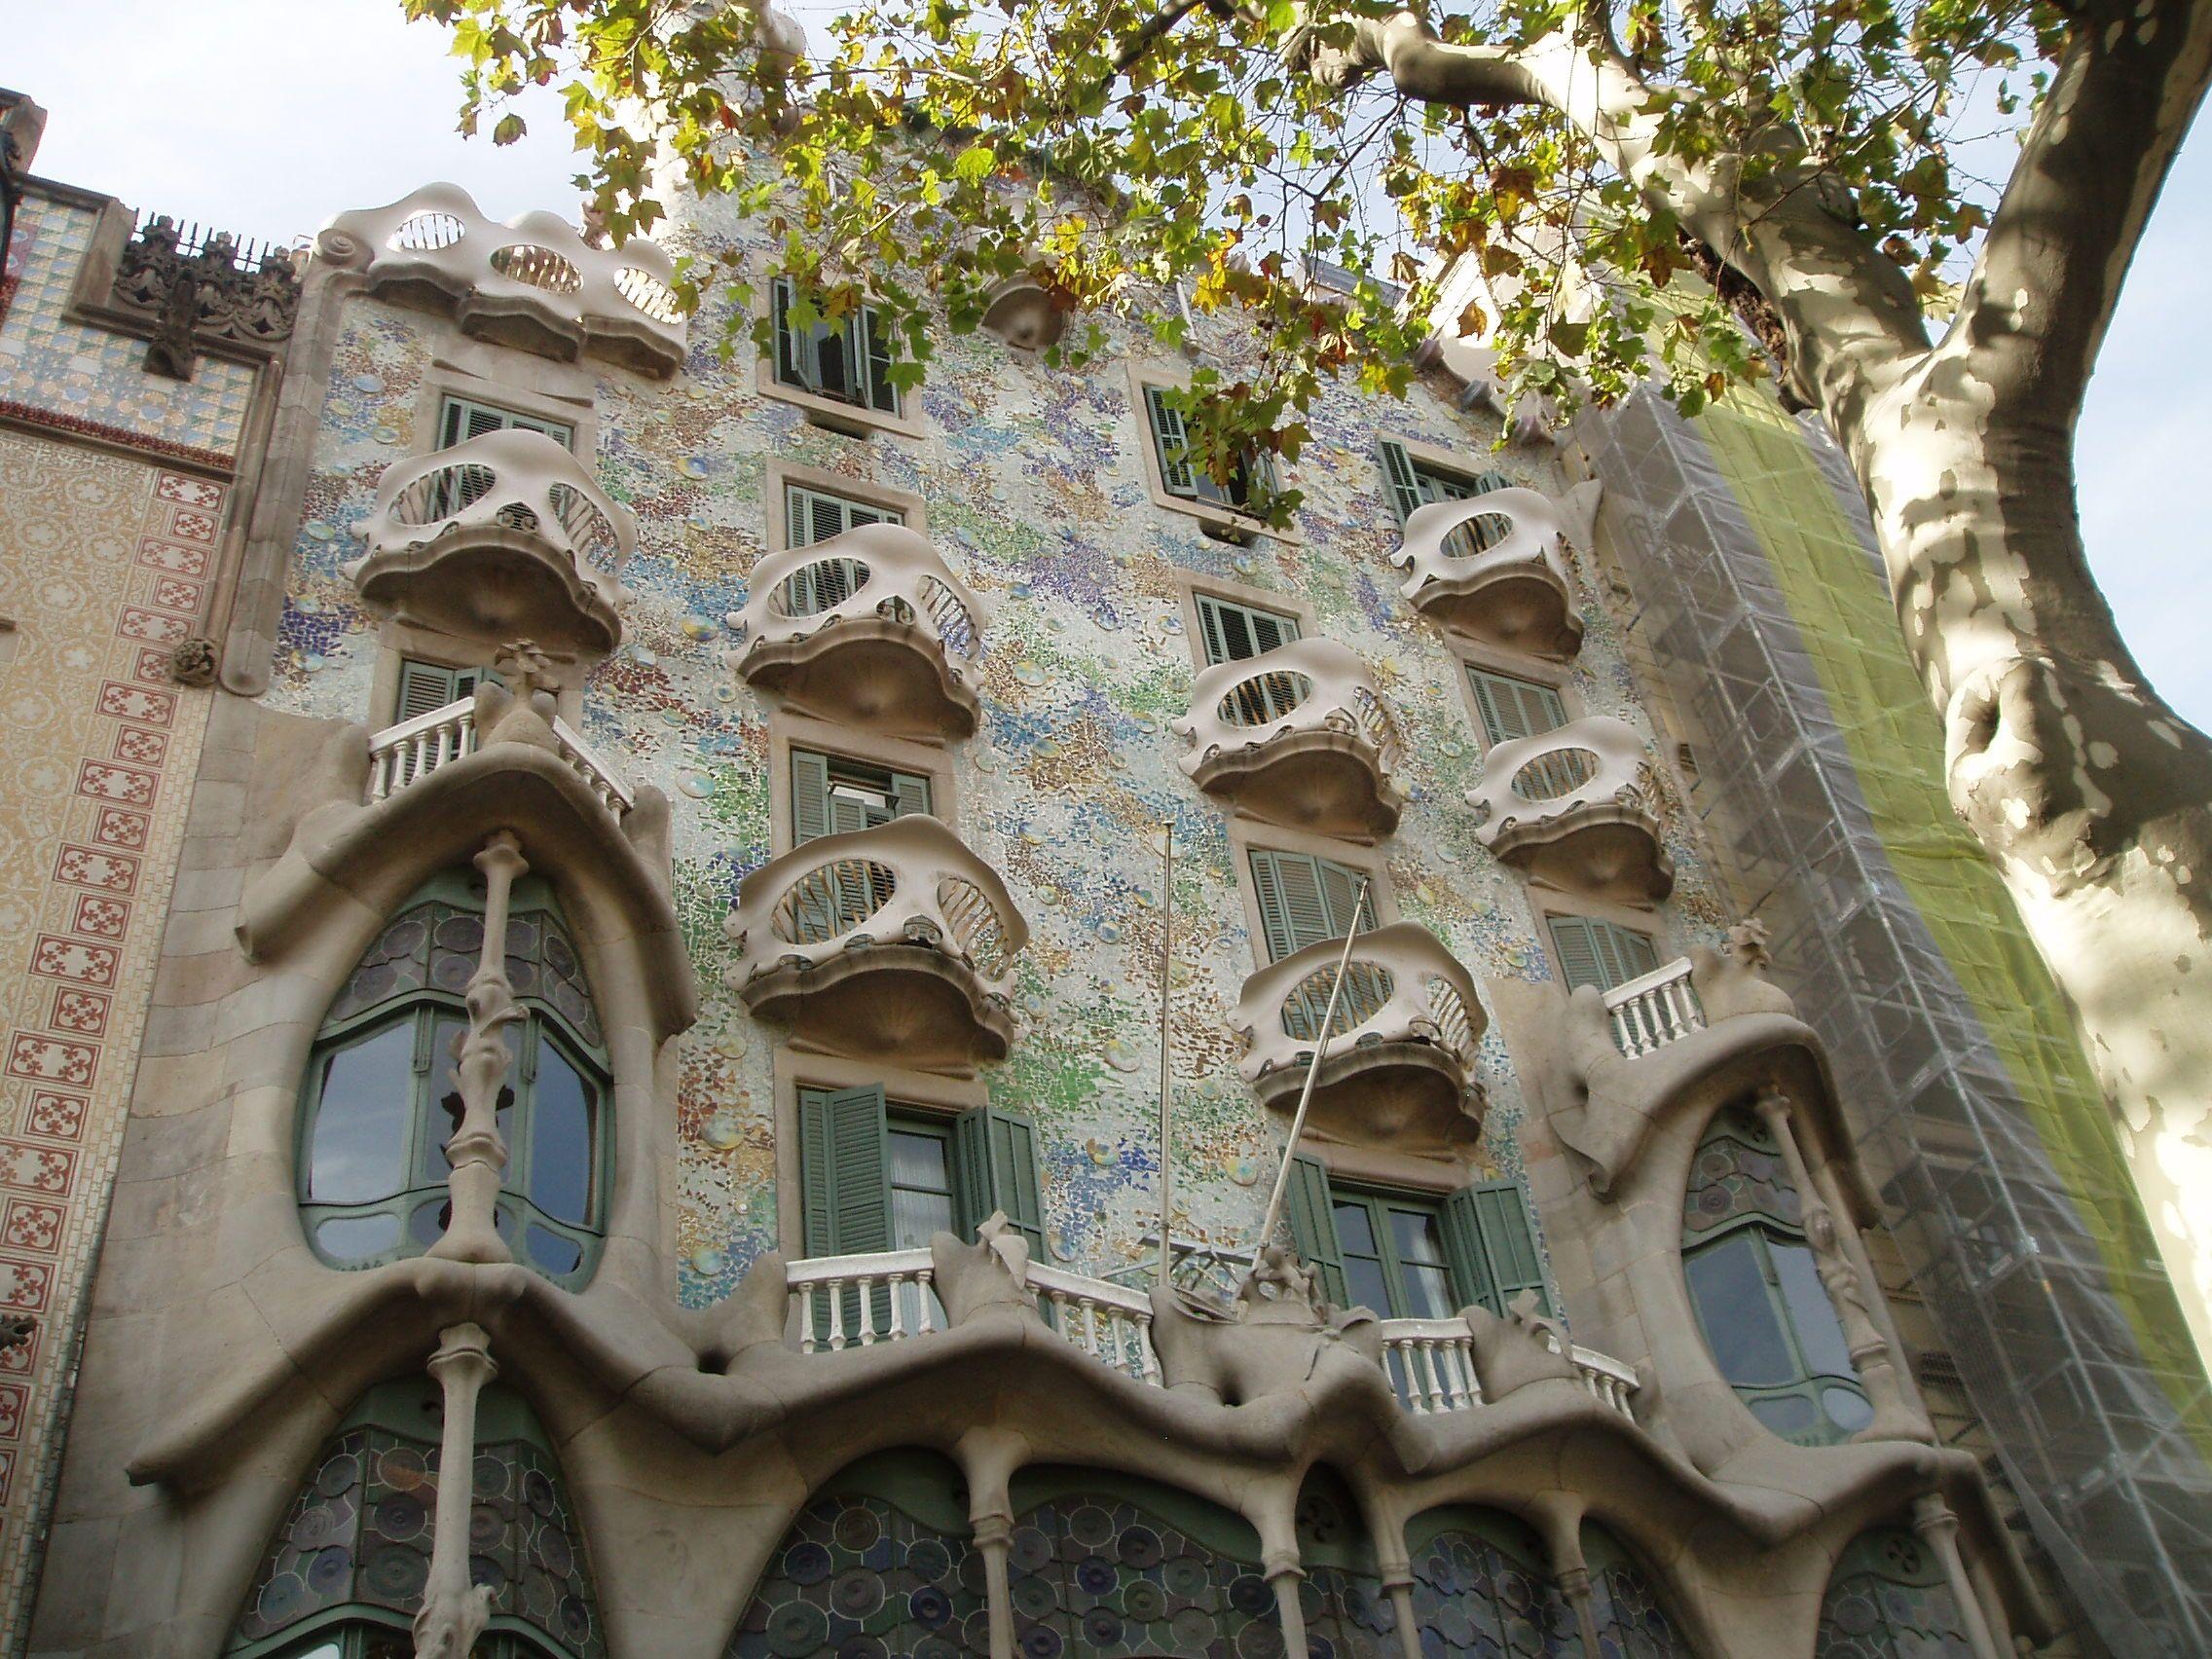 Best Kitchen Gallery: Art Nouveau Architecture Google Search Domiciles Pinterest of Art Nouveau Architecture on rachelxblog.com